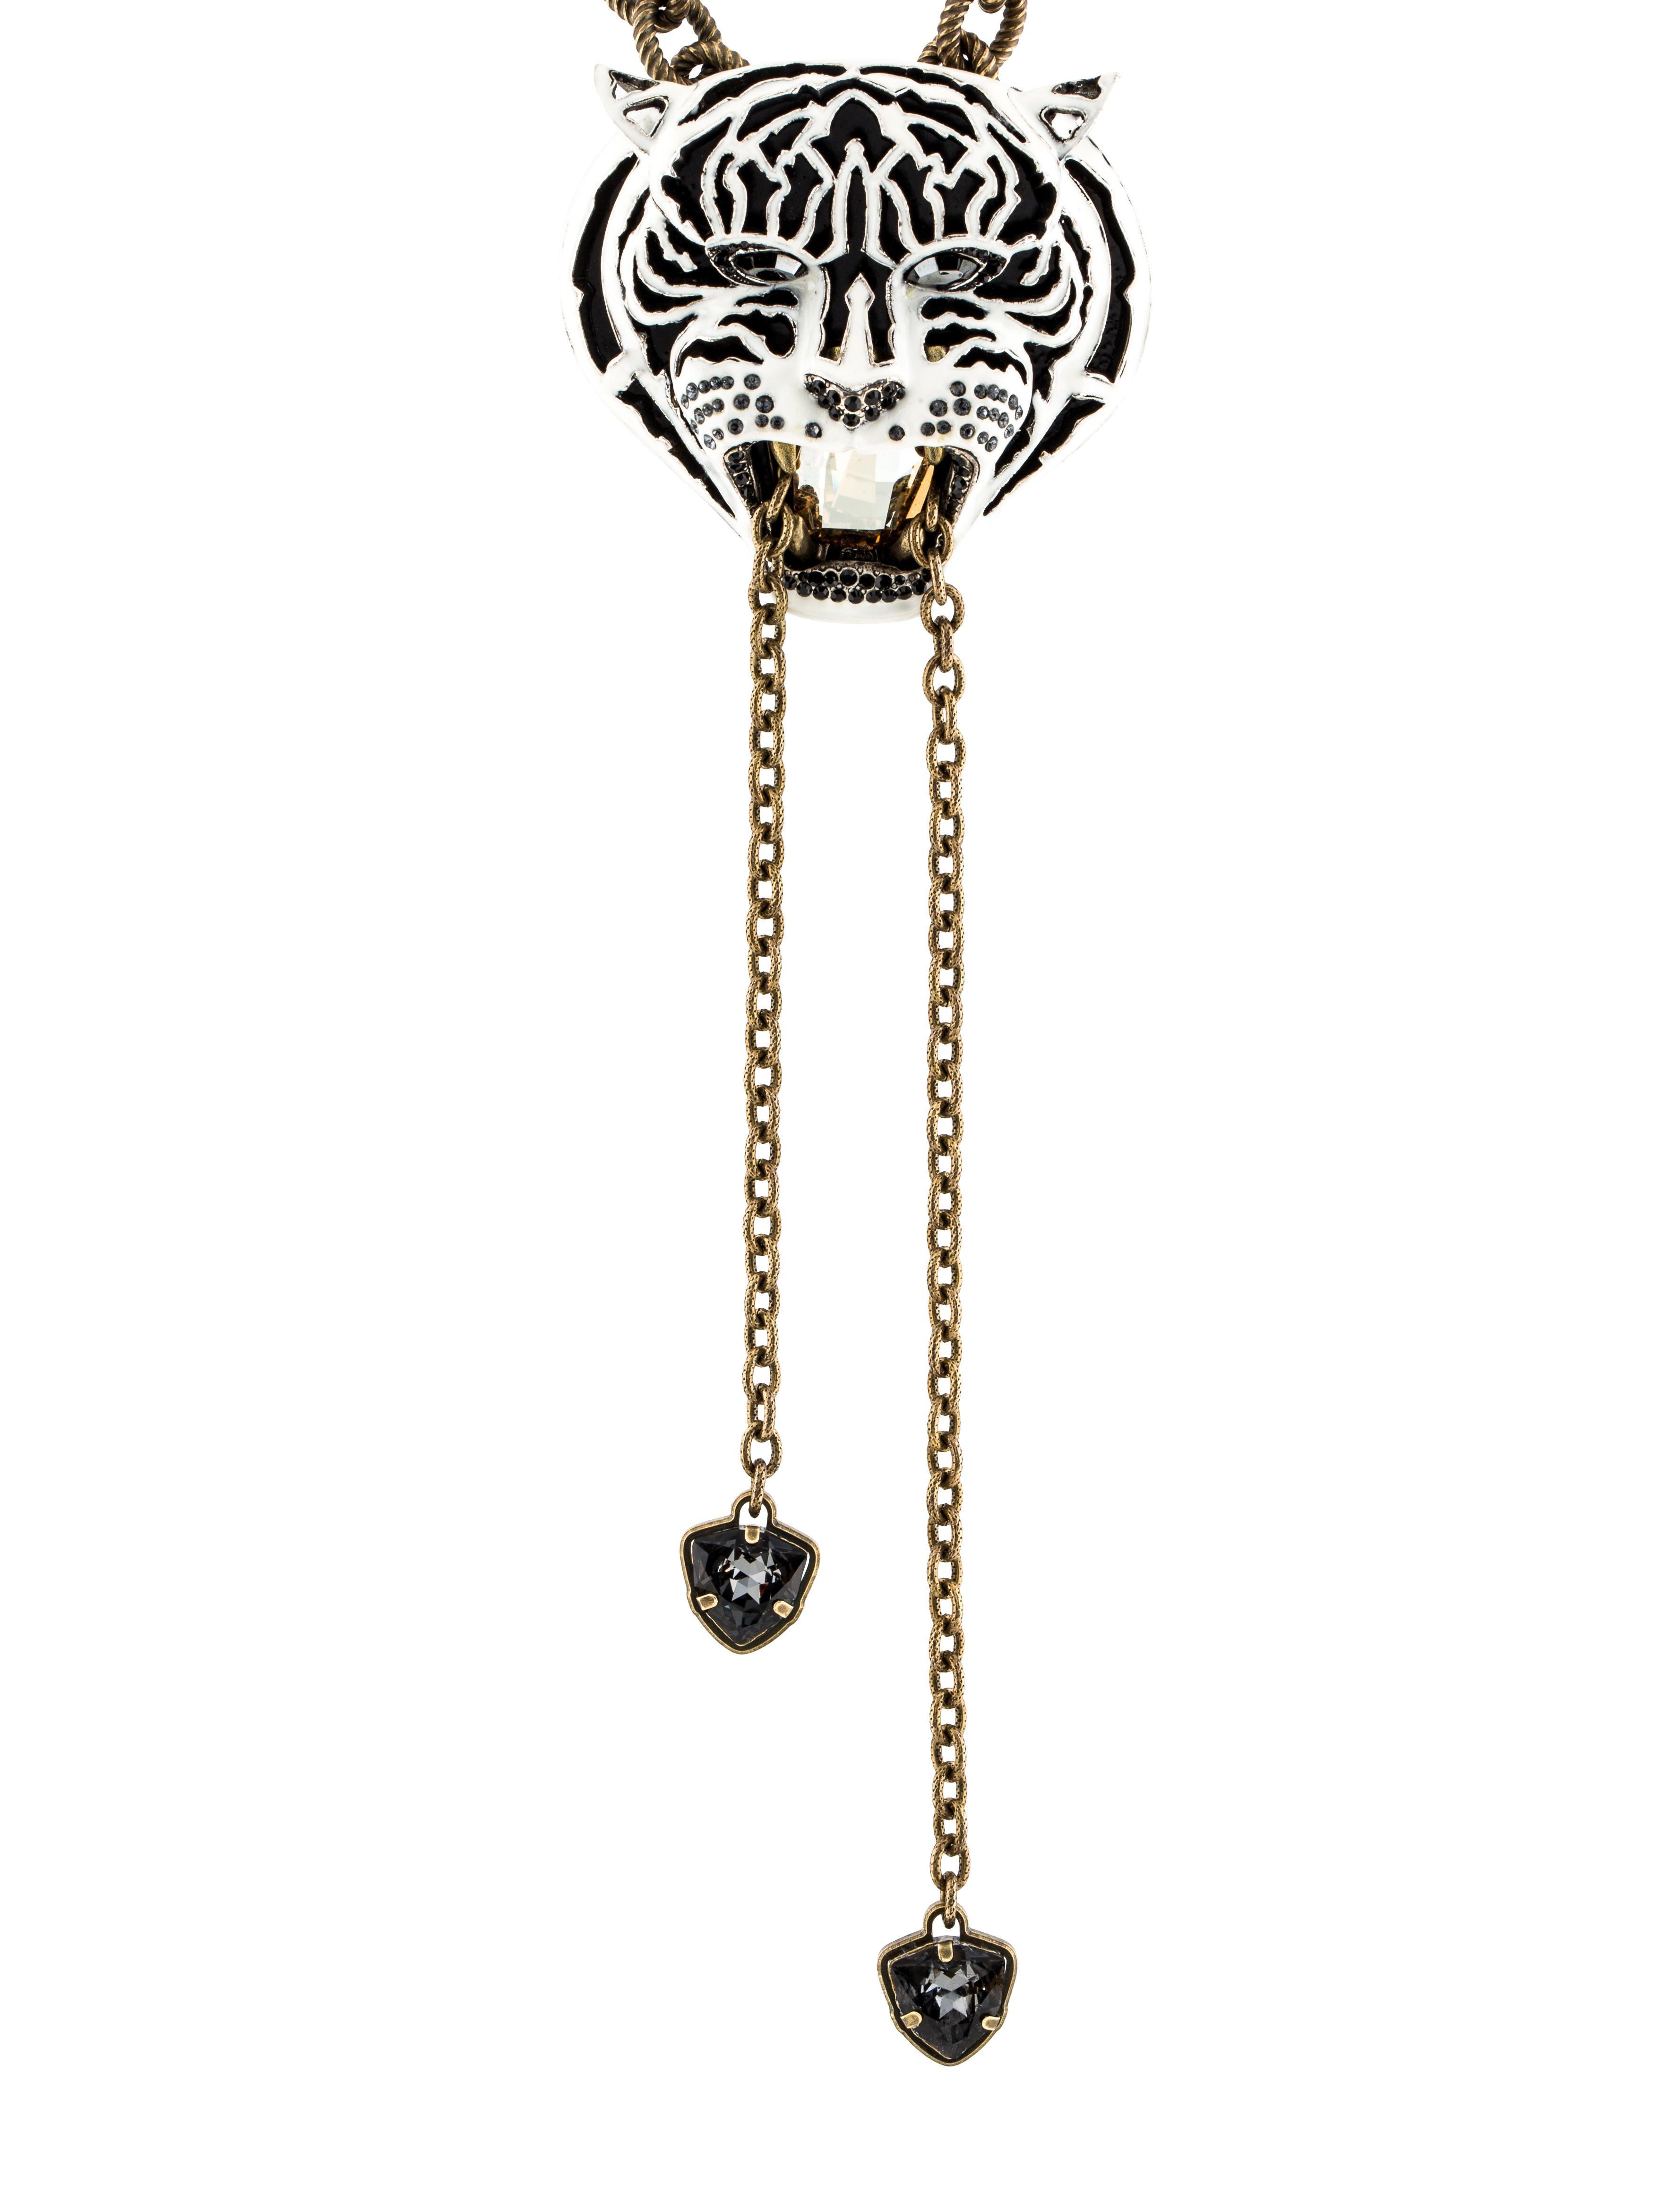 Lanvin Tiger Pendant Necklace Necklaces Lan56912 The